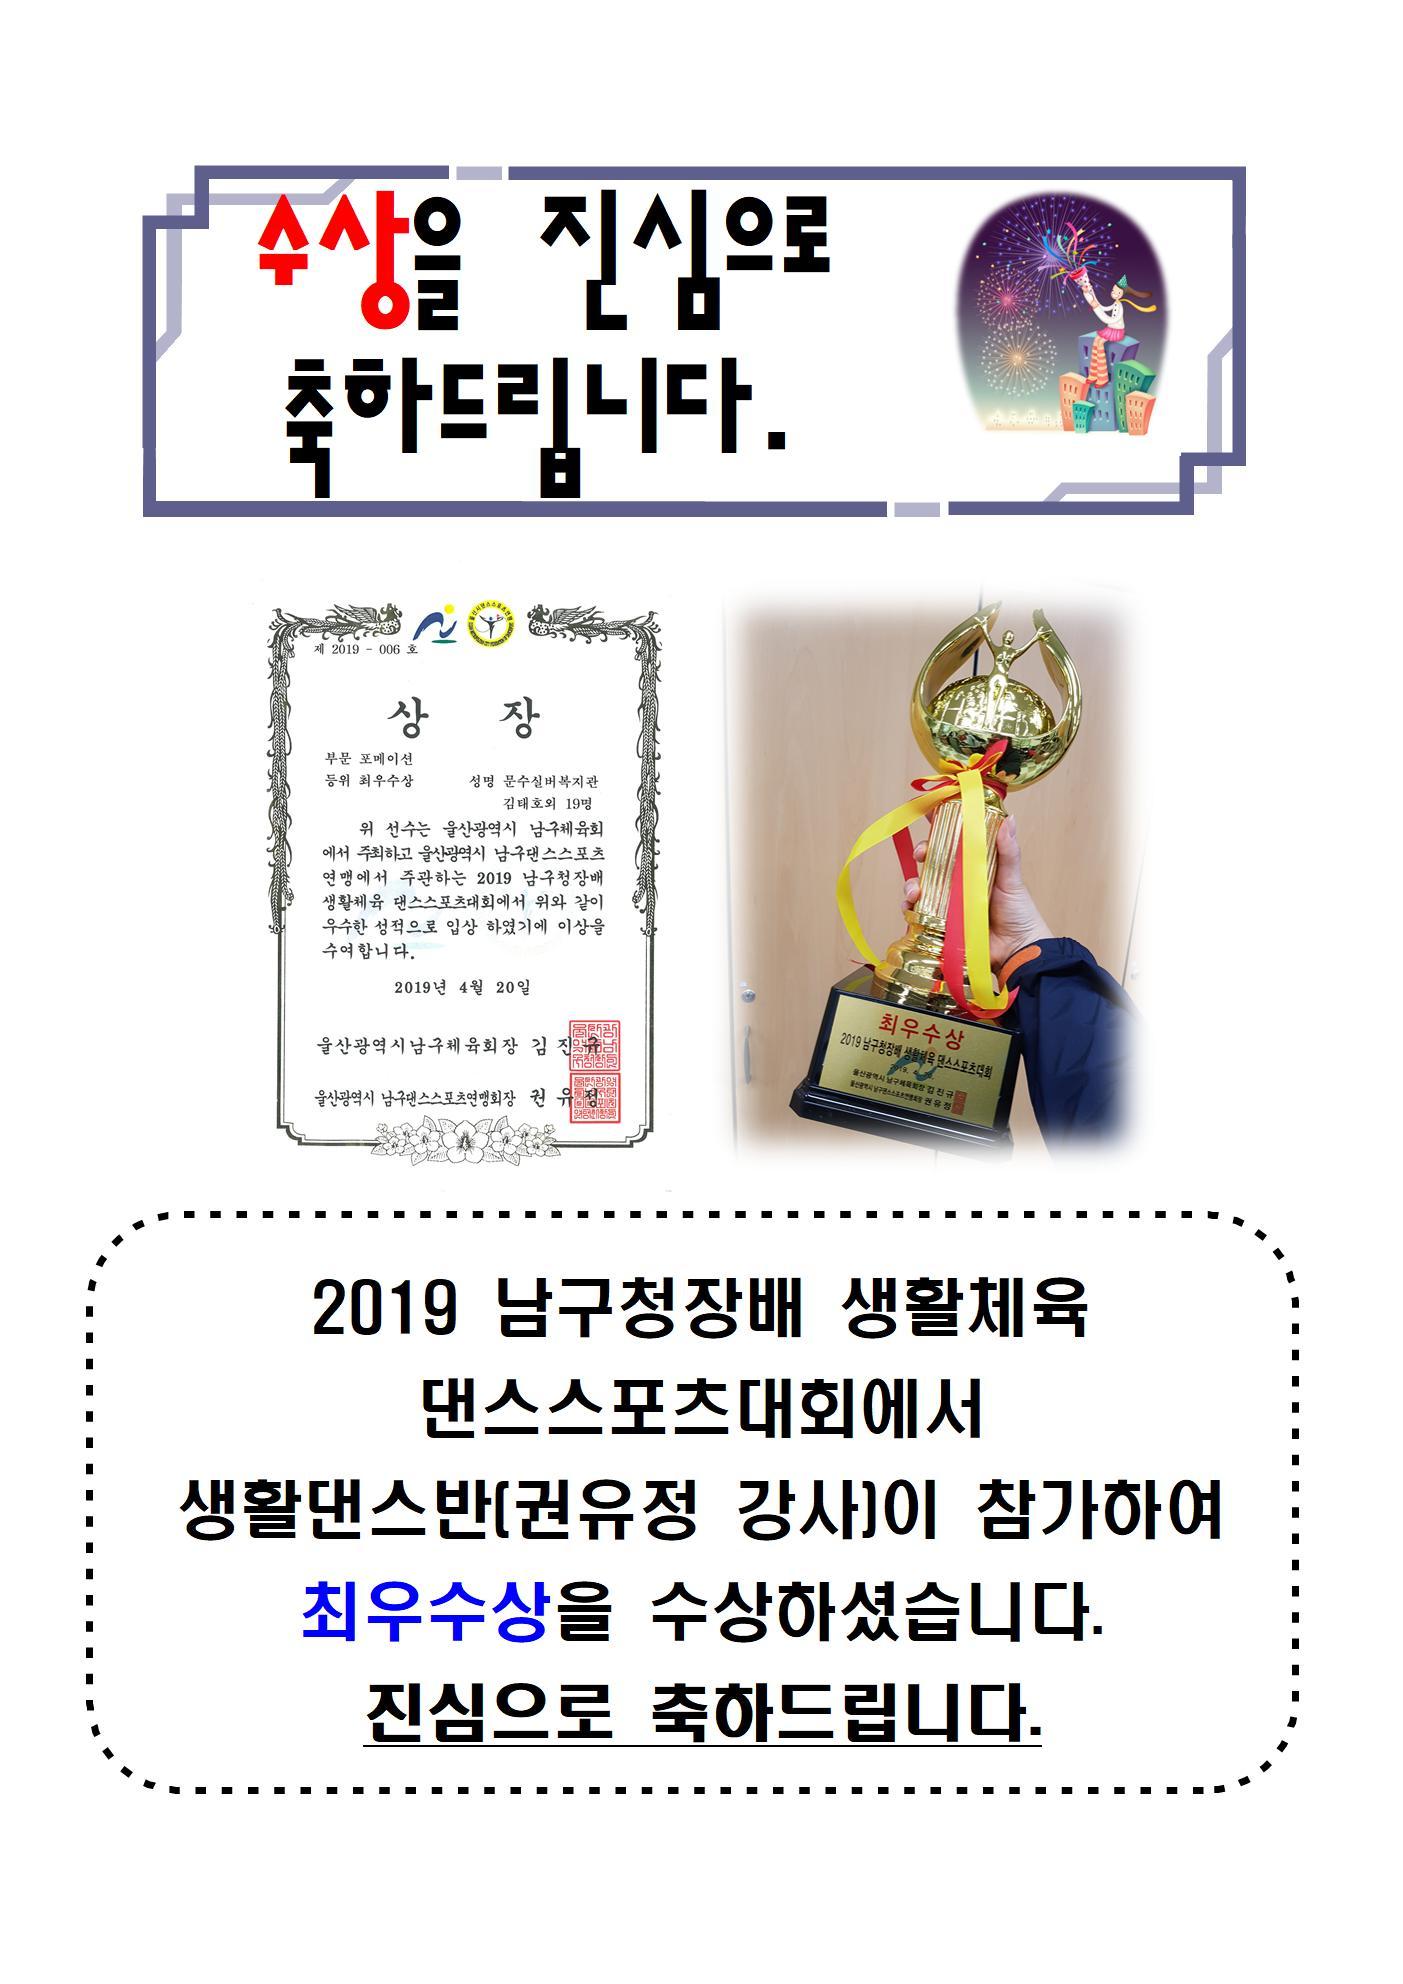 6.수상을 진심으로 축하드립니다(2019 남구청장배 댄스스포츠대회 최우수상-생활댄스반)001.jpg